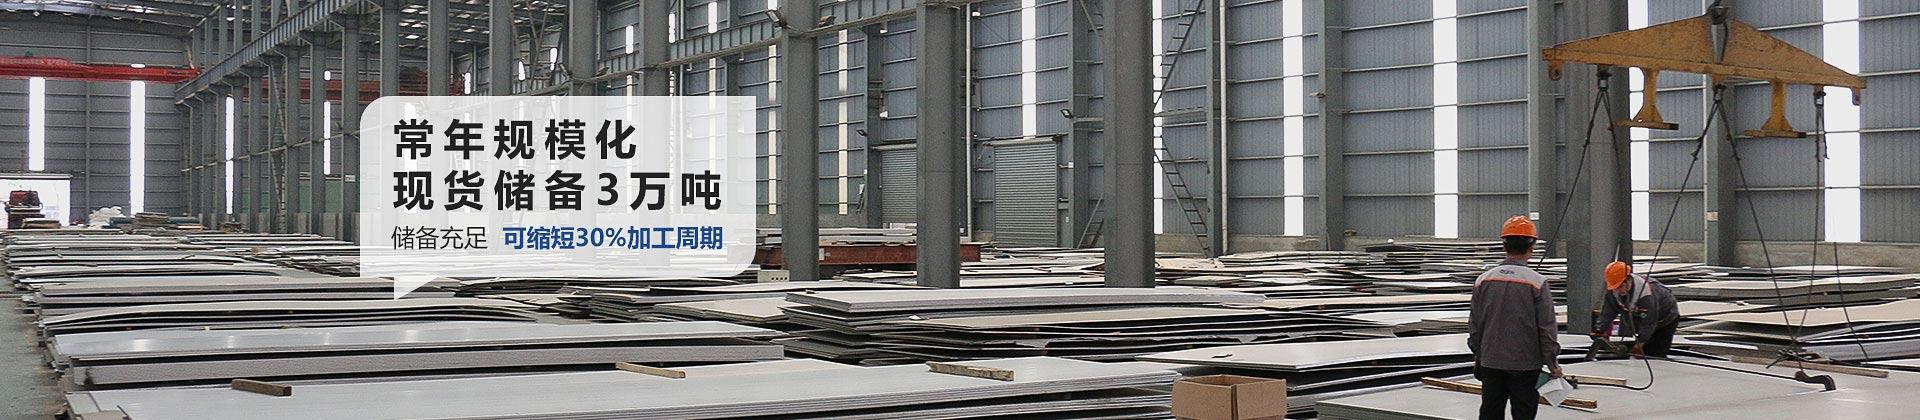 雄狮不锈钢供应 常年规模化 现货储备3万吨